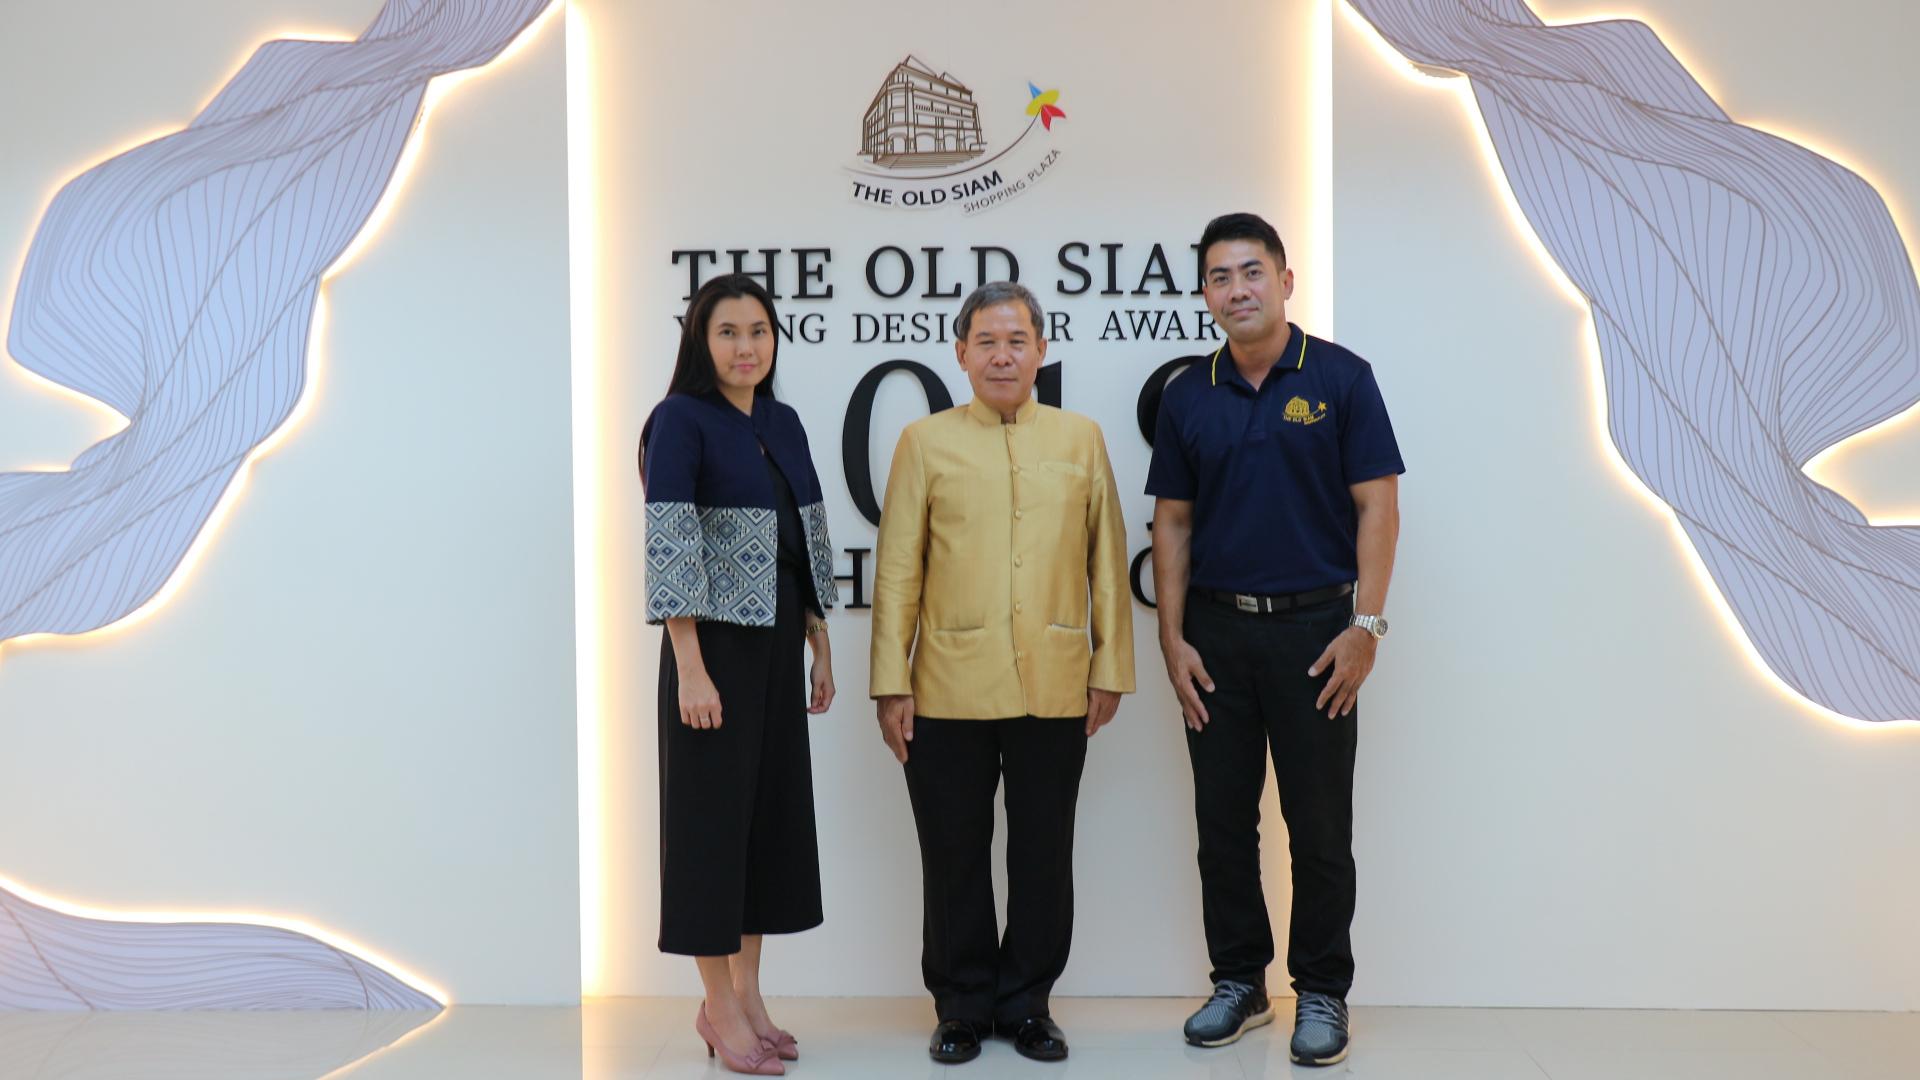 ศูนย์การค้าดิโอลด์สยามจัดนิทรรศการผ้าไทยใส่ได้ทุกวัน  The Old Siam Young Designer Award 2019